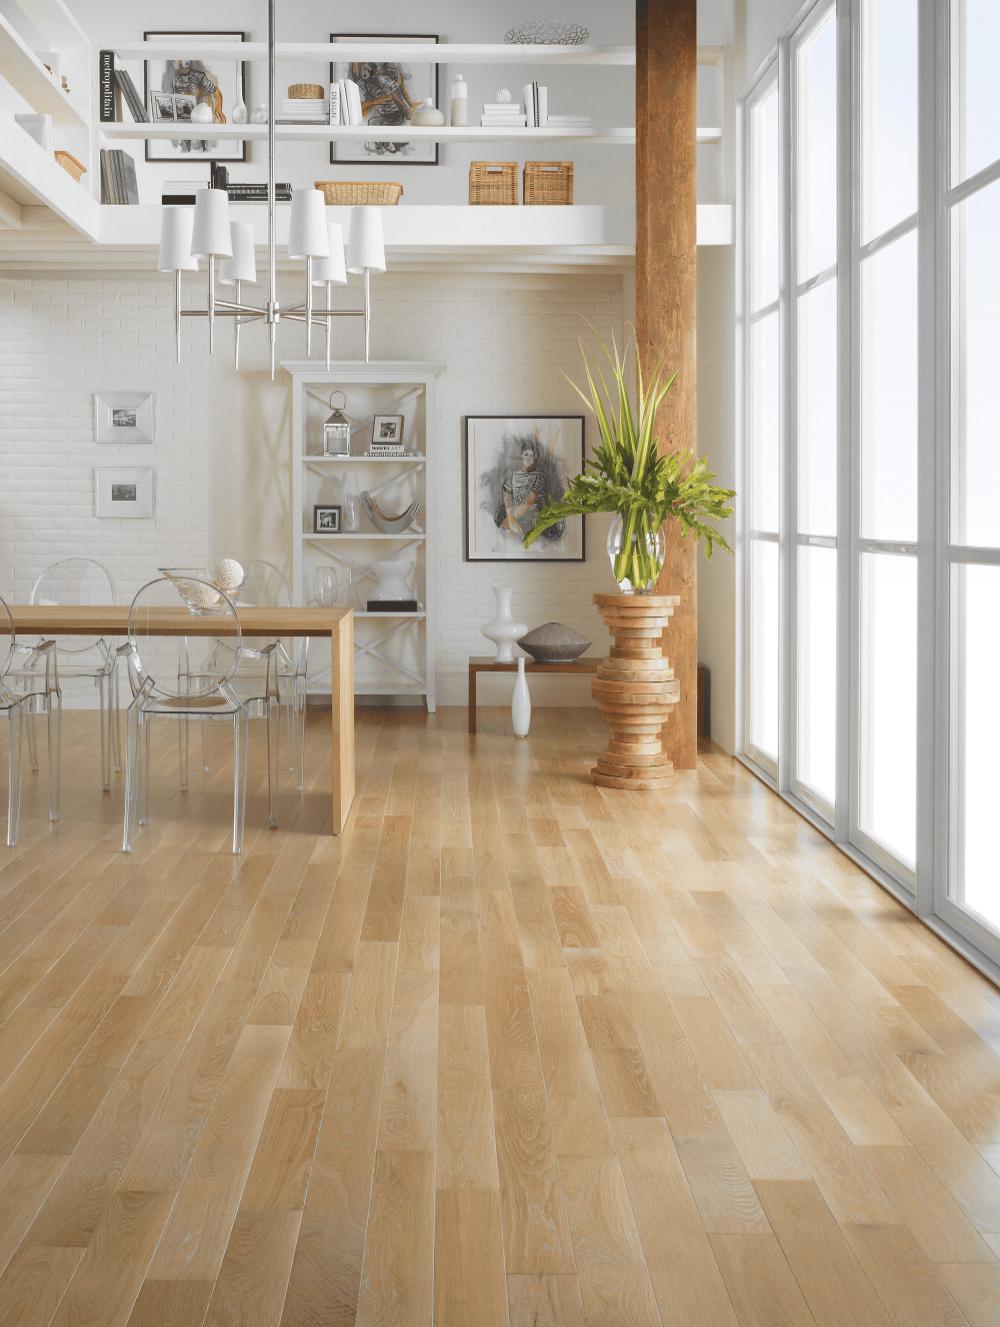 Mohawk Beachwood Laminate Flooring